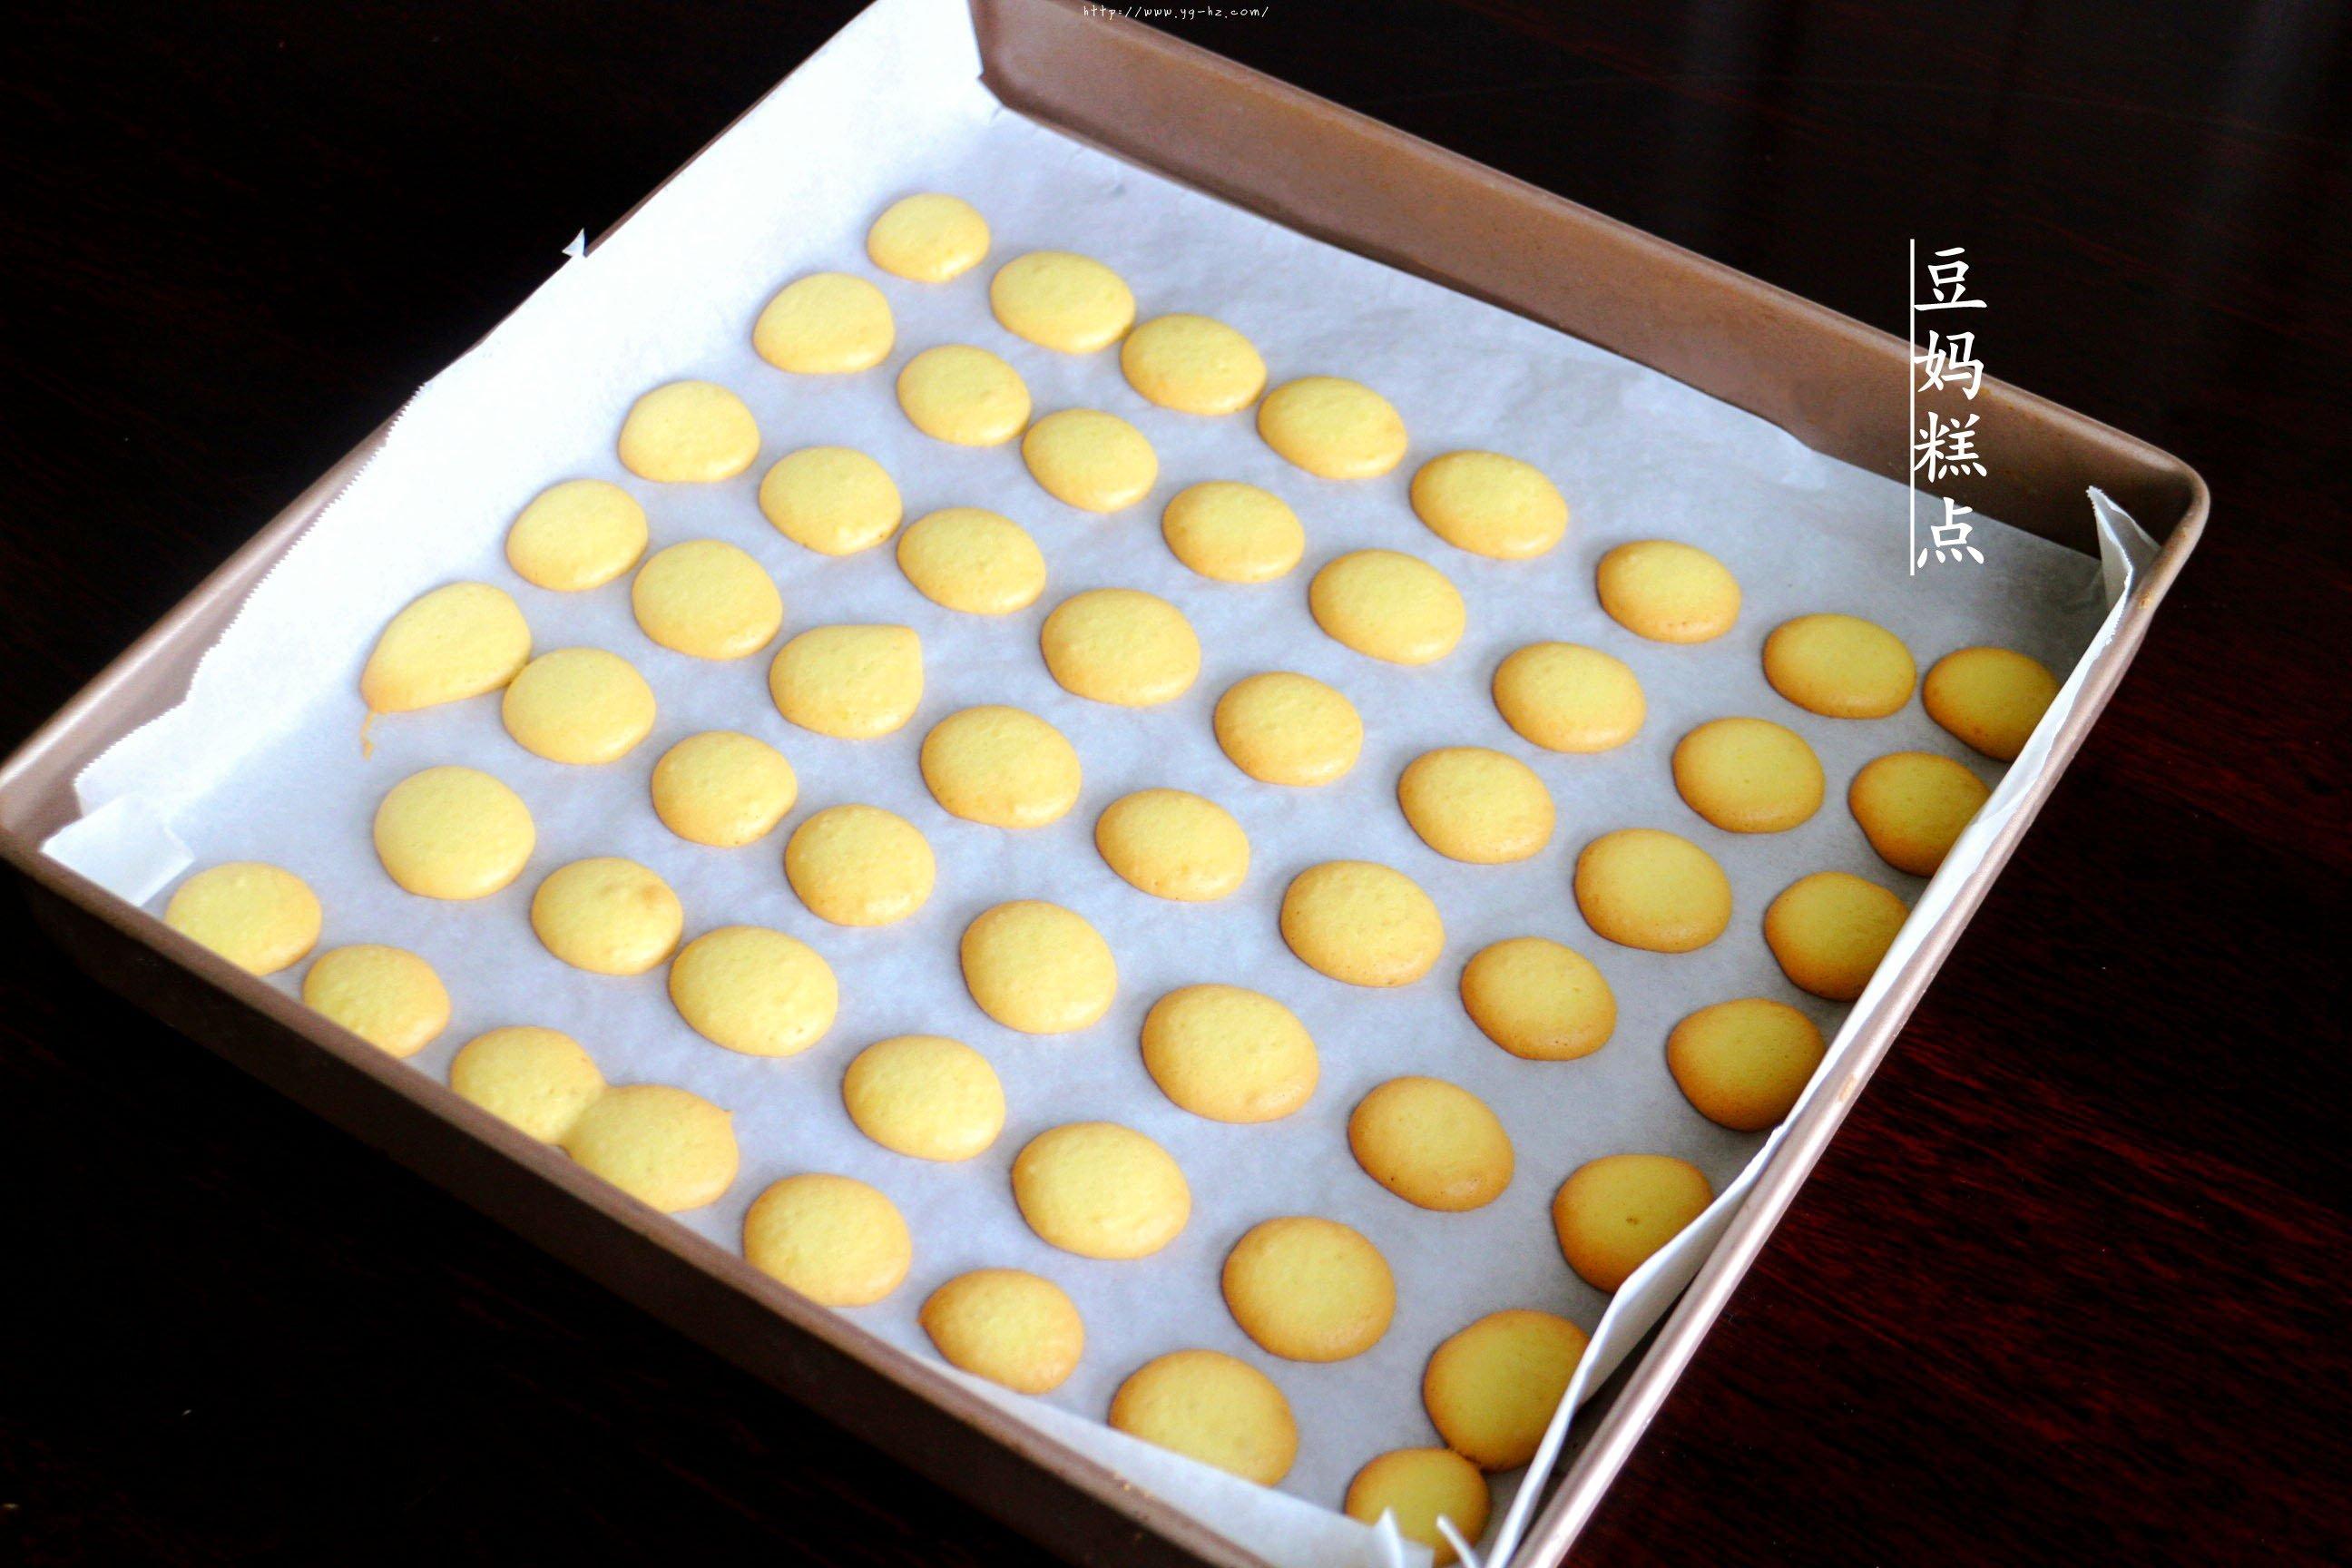 鸡蛋小饼干,又香又酥,比买的还好吃的做法 步骤11